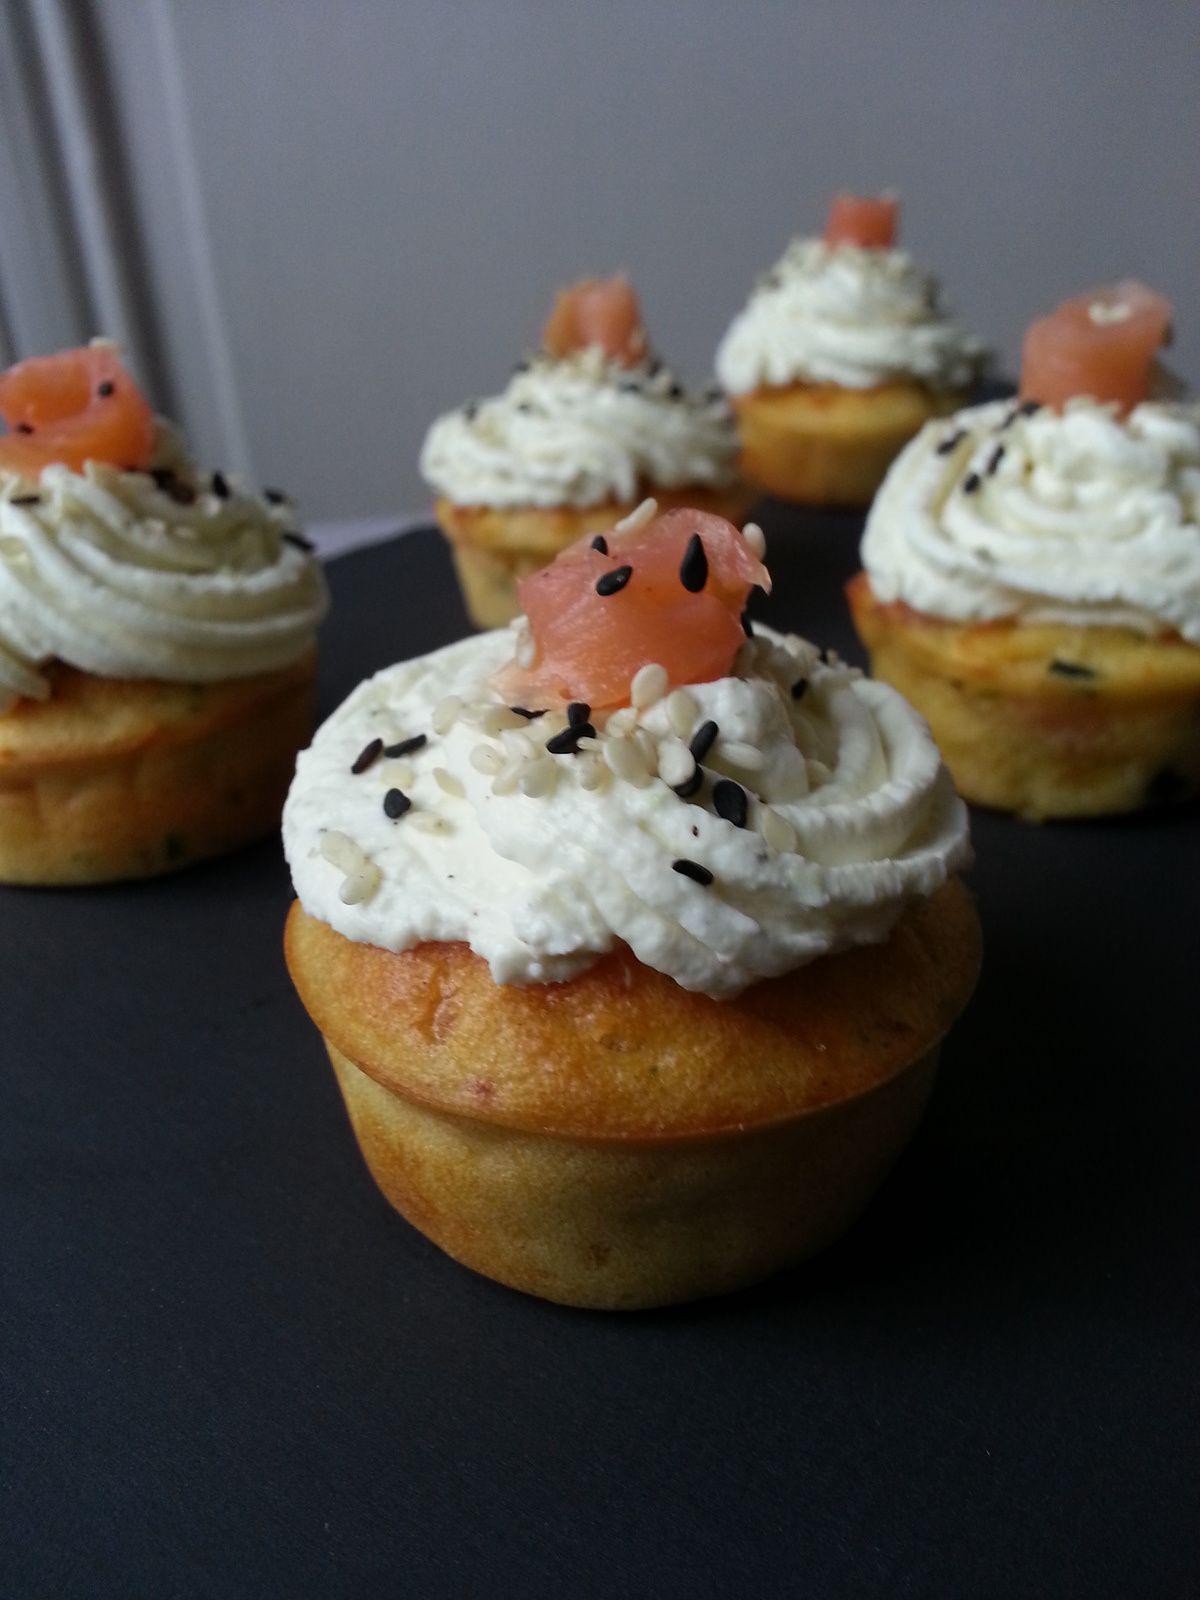 Cupcake au saumon - topping wasabi / citron vert / sésame